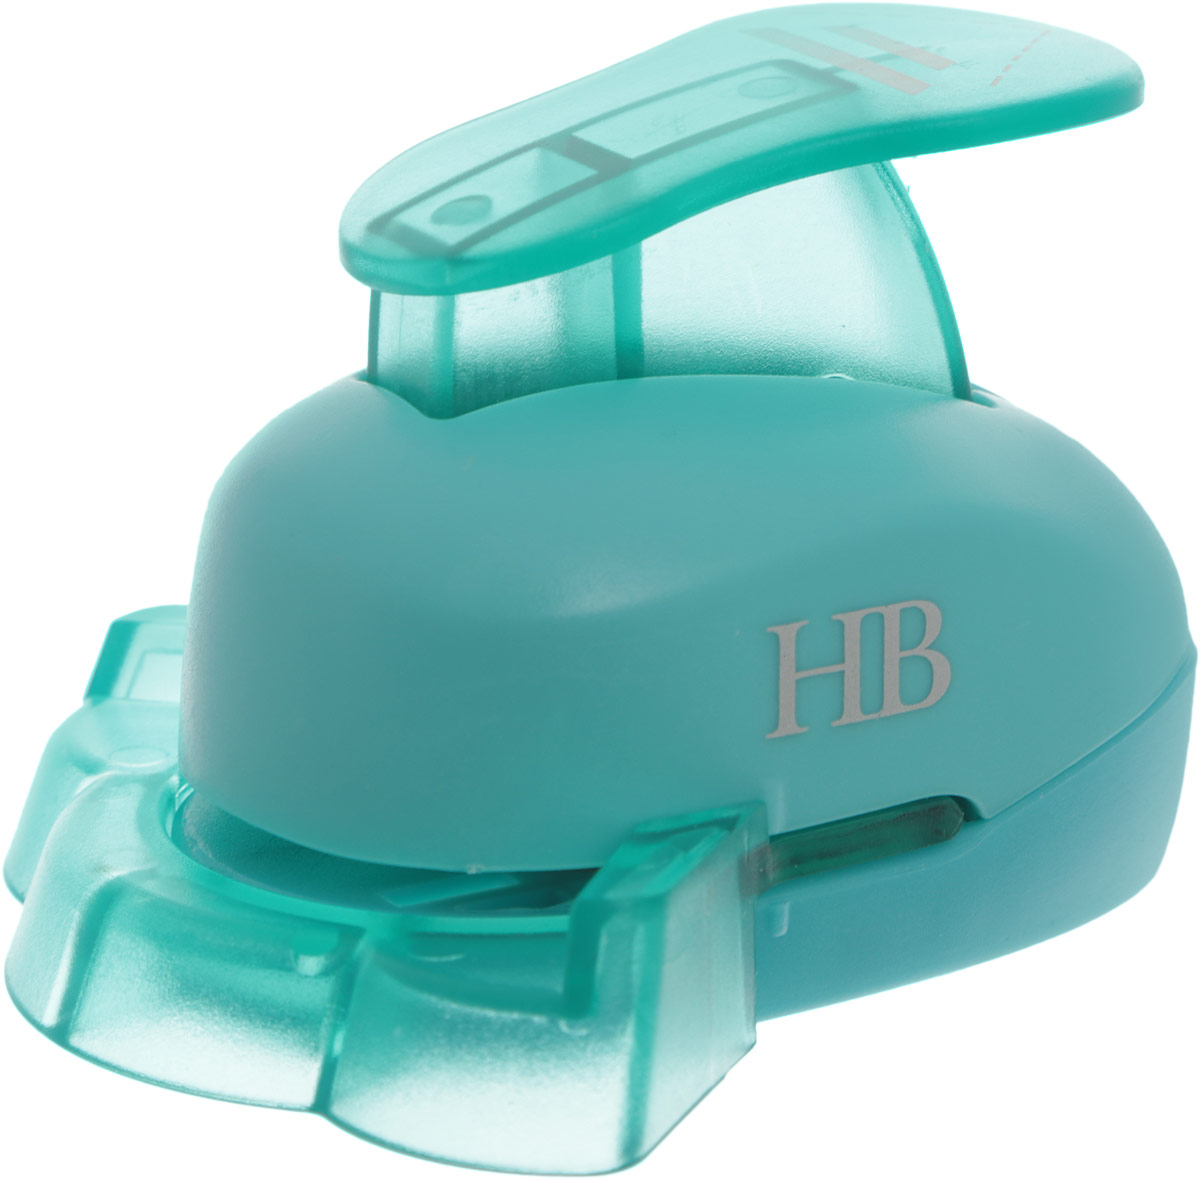 Дырокол фигурный Hobbyboom, угловой, цвет: бирюзовый, №11, 2,5 смKM-8810M-011Фигурный угловой дырокол Hobbyboom поможет вам легко, просто и аккуратно вырезать много одинаковых мелких фигурок.Режущие части компостера закрыты пластмассовым корпусом, что обеспечивает безопасность для детей. Вырезанные фигурки накапливаются в специальном резервуаре. Можно использовать вырезанные мотивы как конфетти или для наклеивания. Угловой дырокол подходит для разных техник: декупажа, скрапбукинга, декорирования. Рекомендуемая плотность бумаги - 120-180 г/м2. Размер готовой фигурки: 2,5 см х 1,8 см.